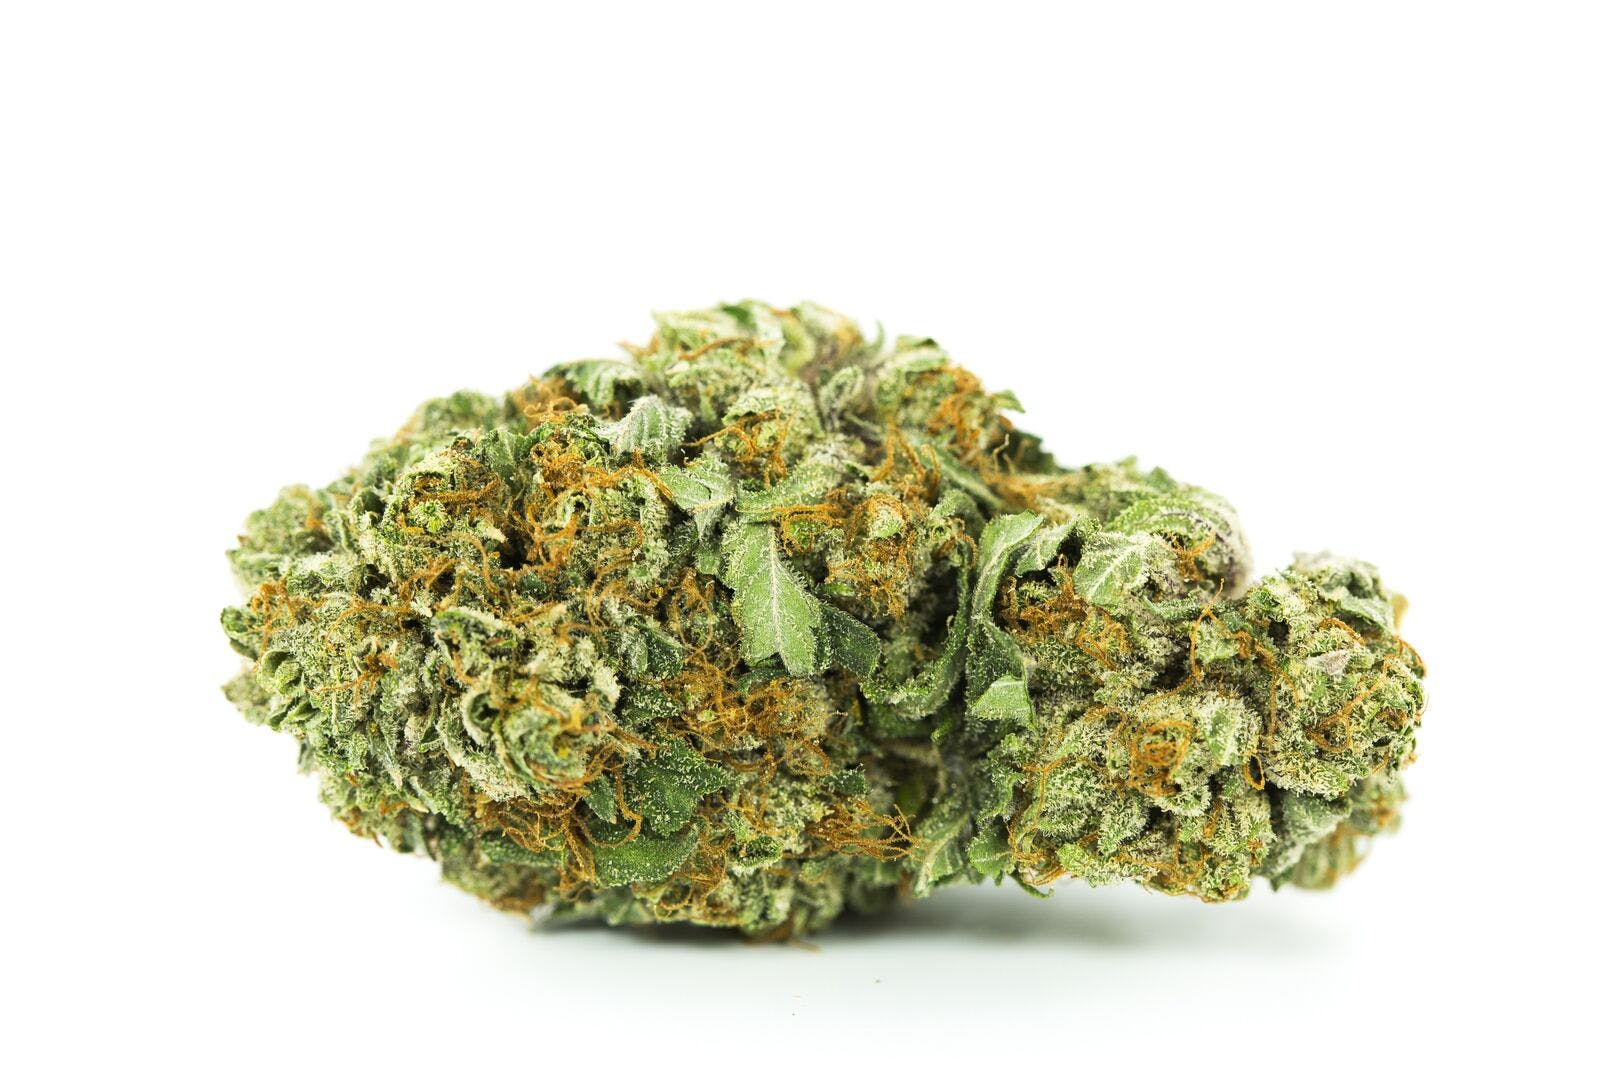 Black Tuna Weed; Black Tuna Cannabis Strain; Black Tuna Hybrid Marijuana Strain